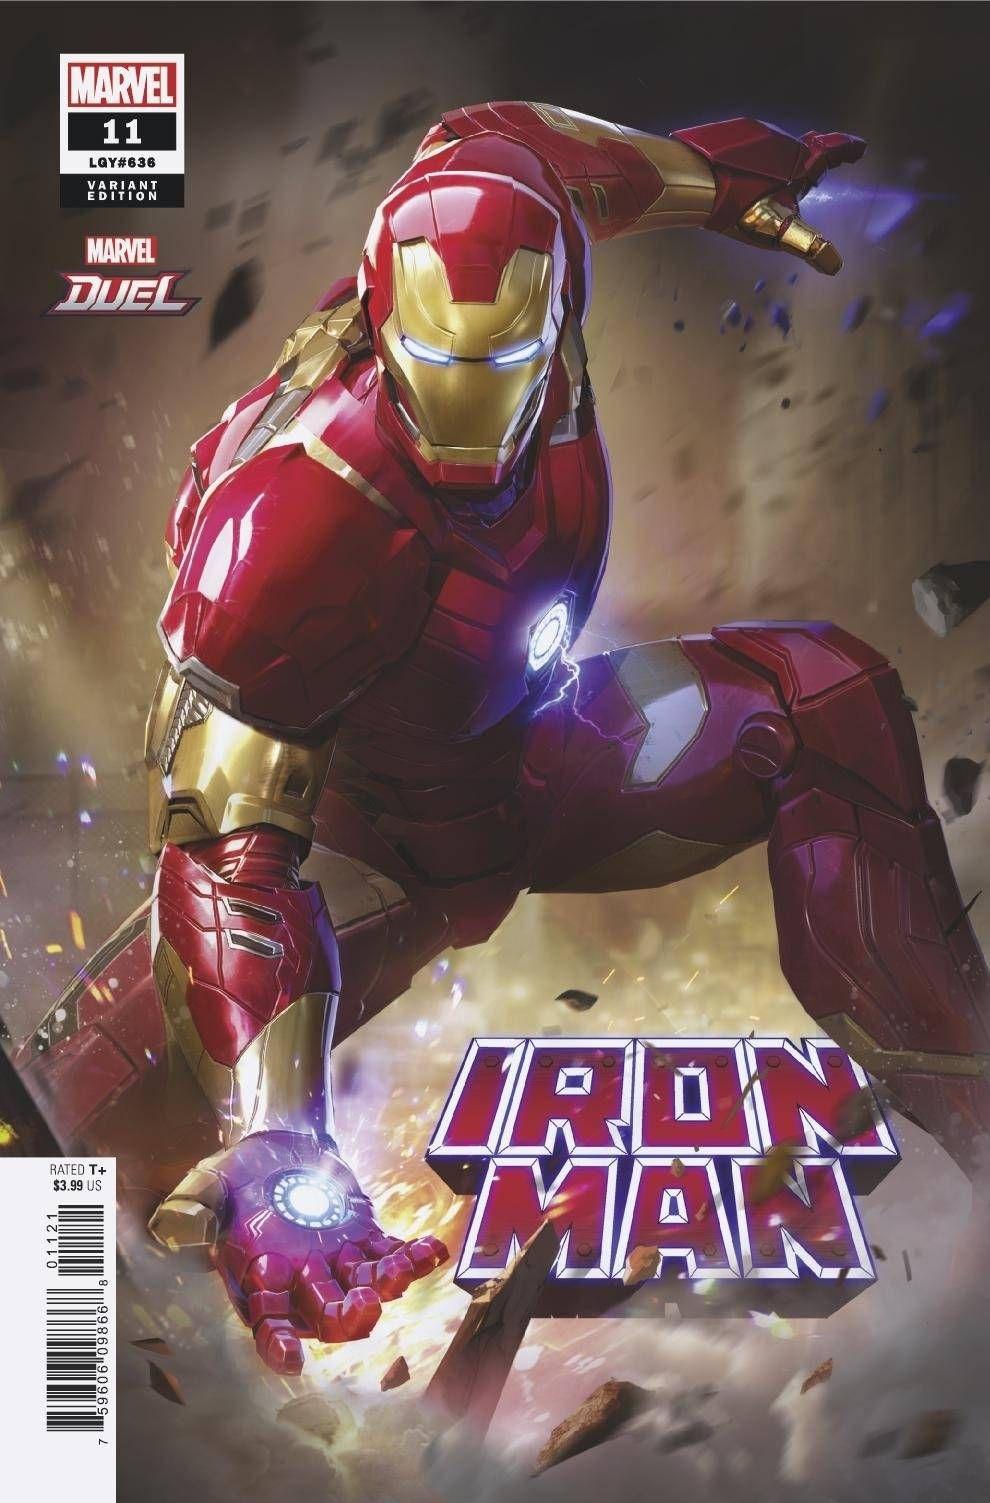 eyJidWNrZXQiOiJnb2NvbGxlY3QuaW1hZ2VzLnB1YiIsImtleSI6IjAzZjM3YjYyLThlNzktNGM2YS1iNjE5LWE4ZTEzZTBkNWRmOC5qcGciLCJlZGl0cyI6W119 ComicList: Marvel Comics New Releases for 08/18/2021